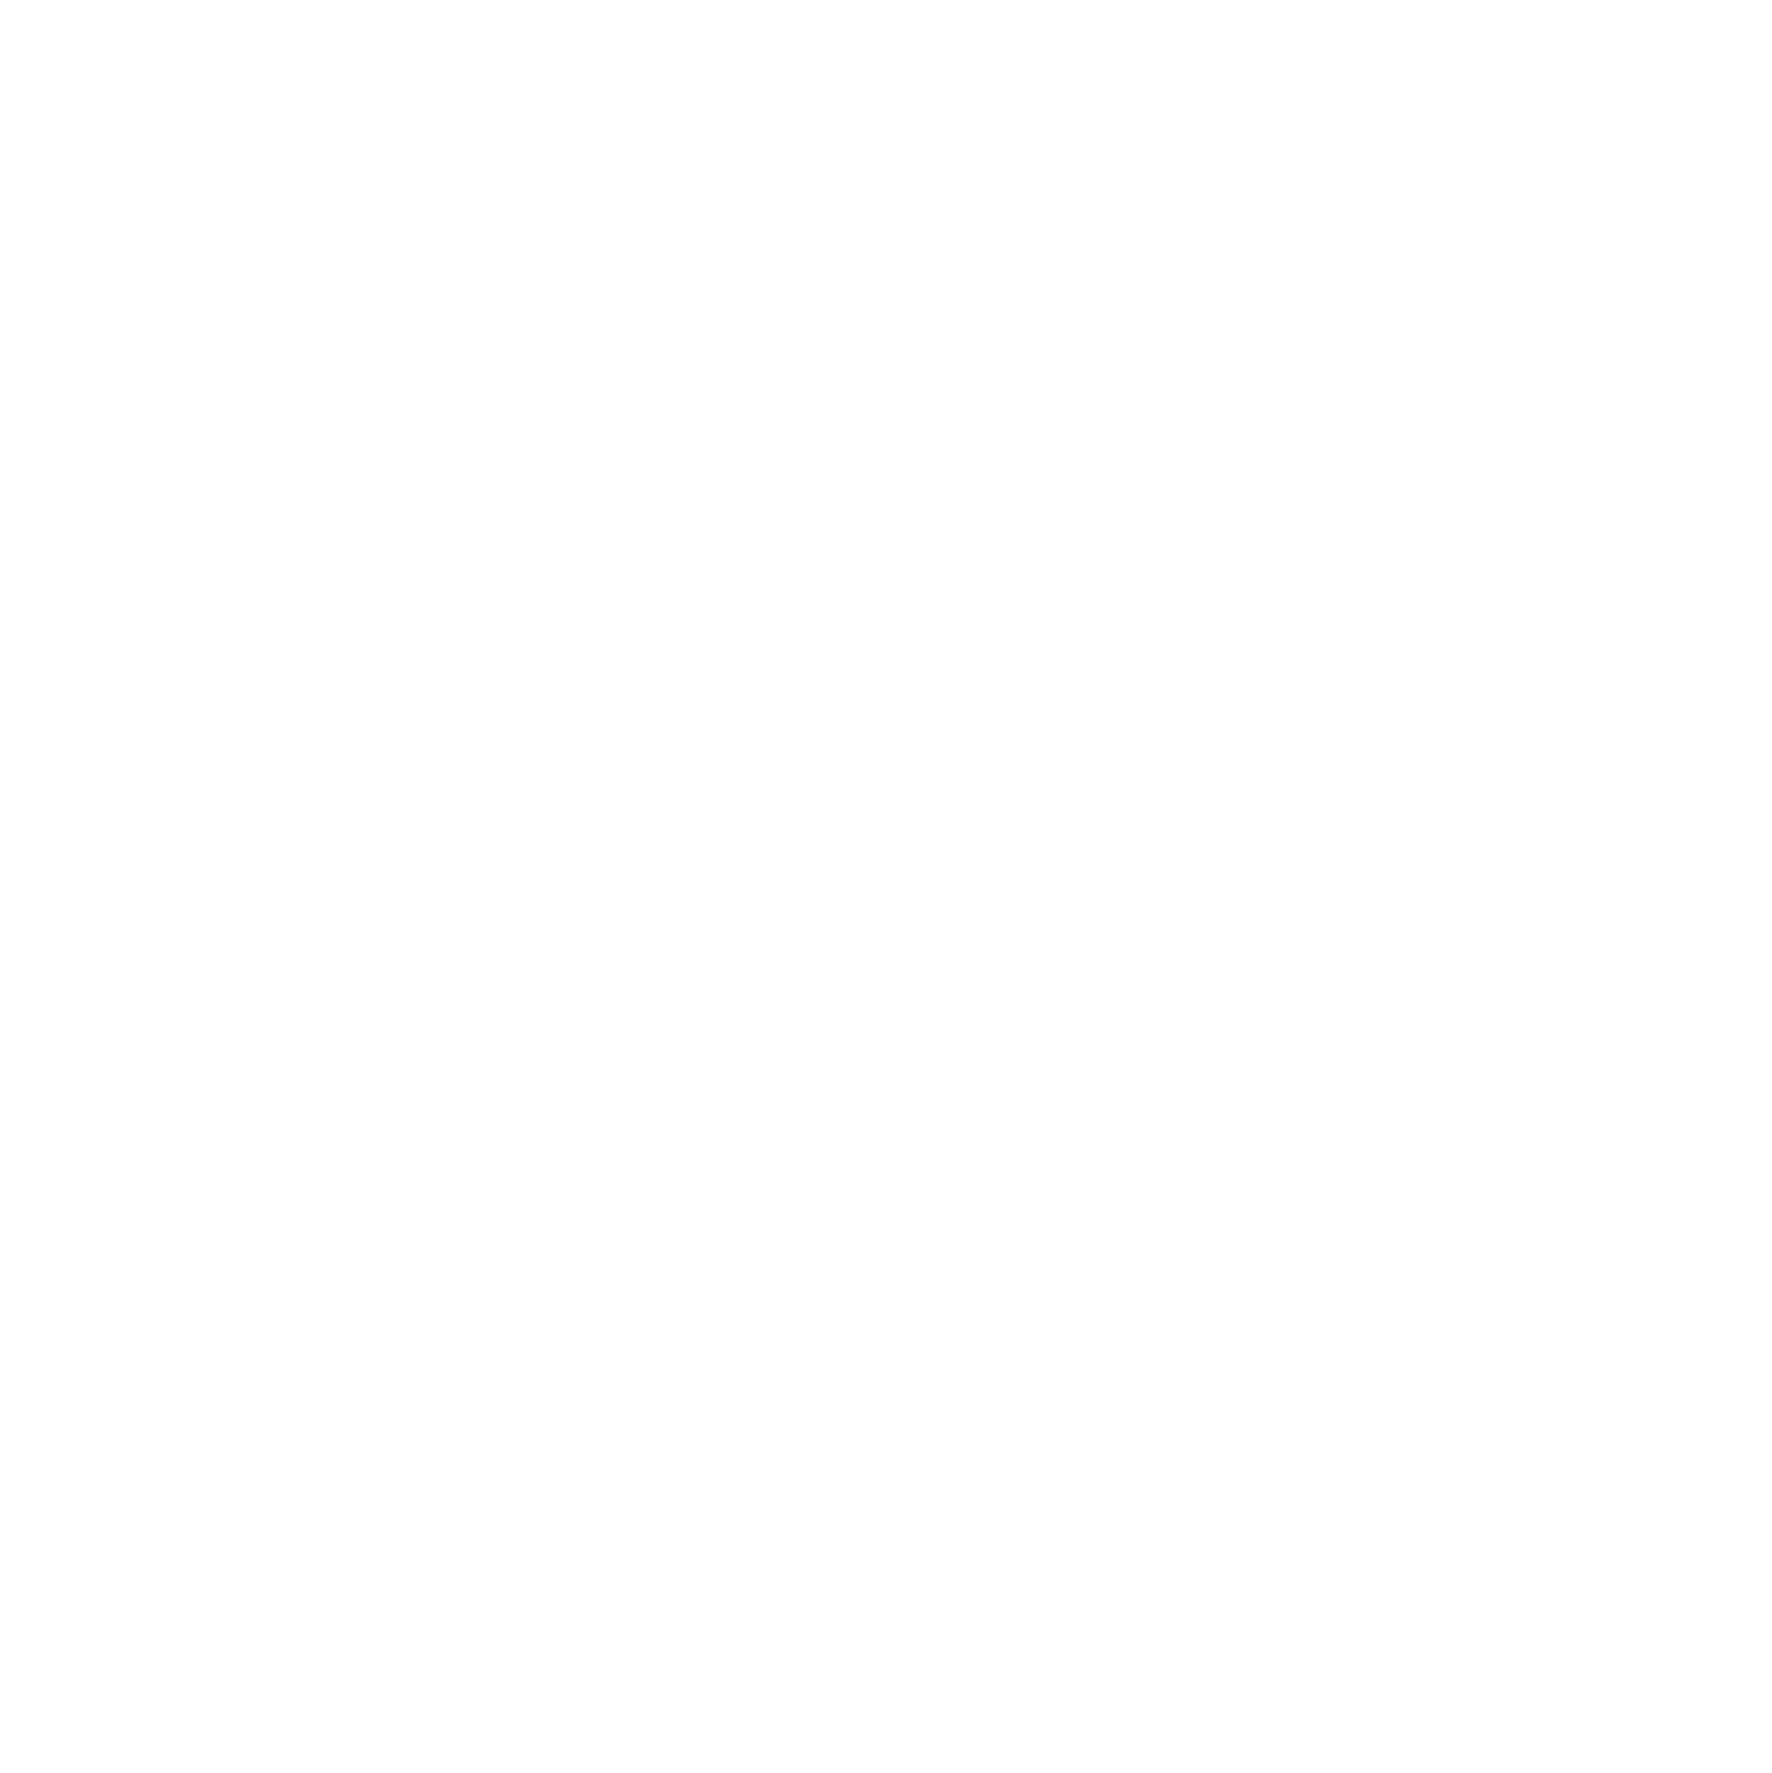 cubuphotography by Lara & Cüneyt Budakoglu